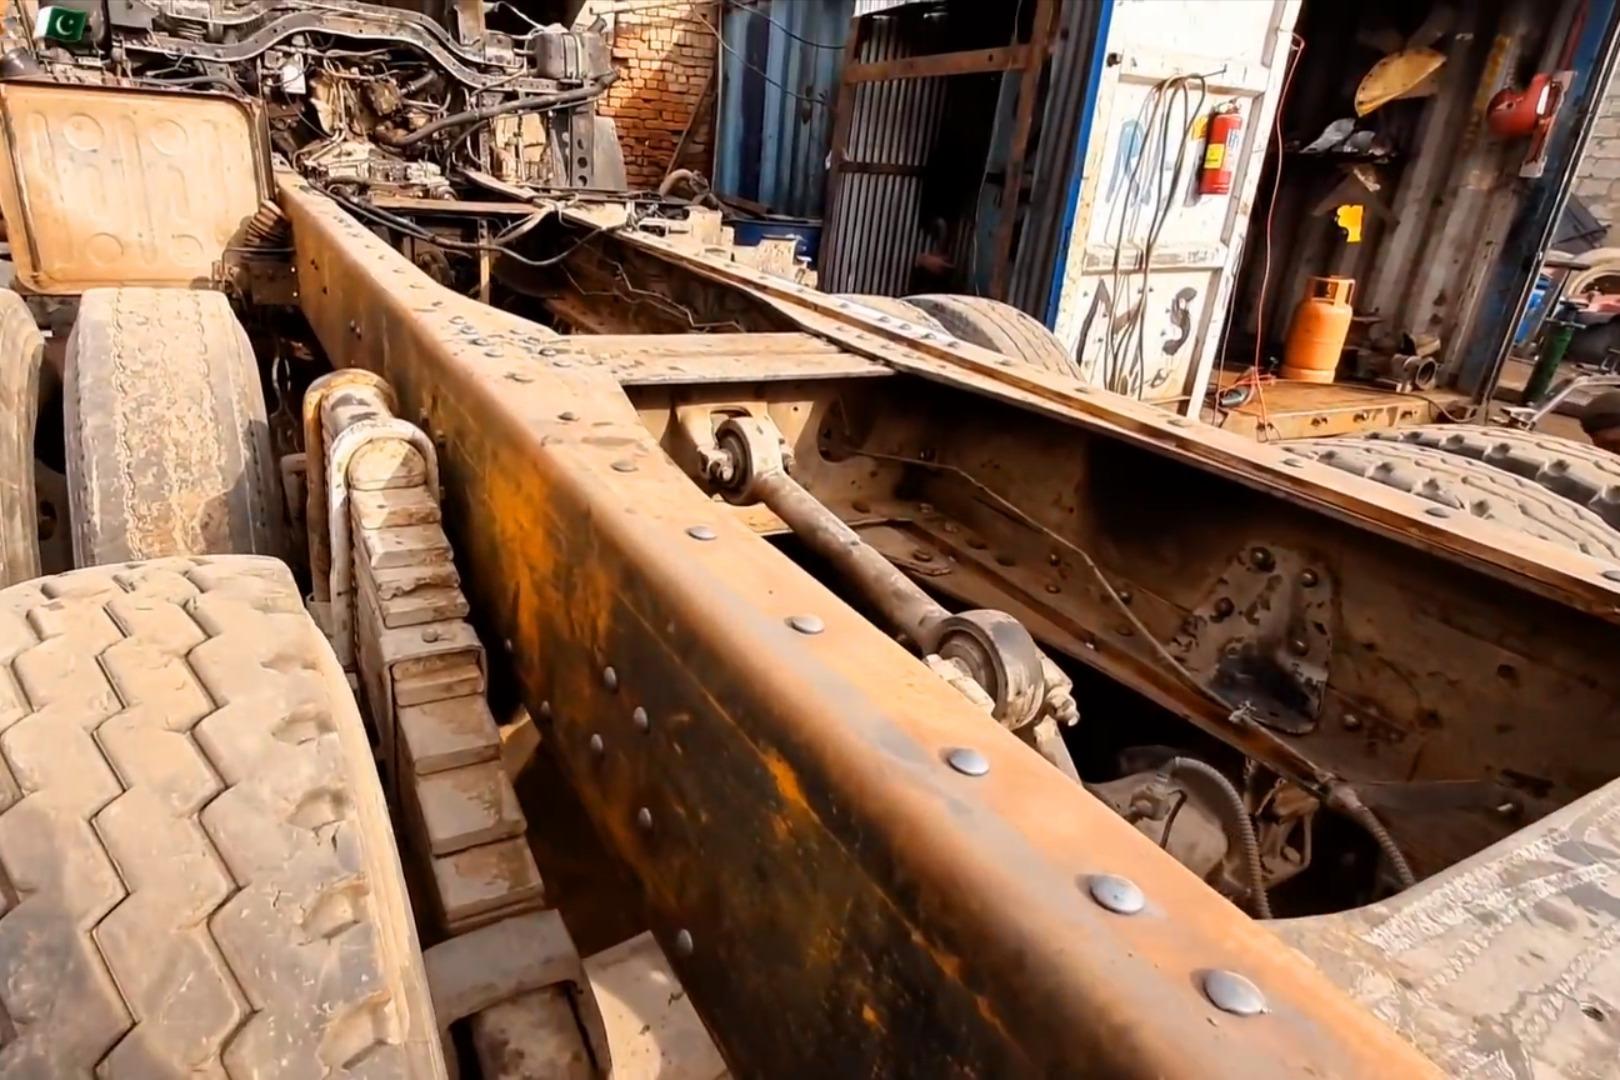 汽车大梁断裂,用铆钉焊接技术修复,比之前更加坚固了